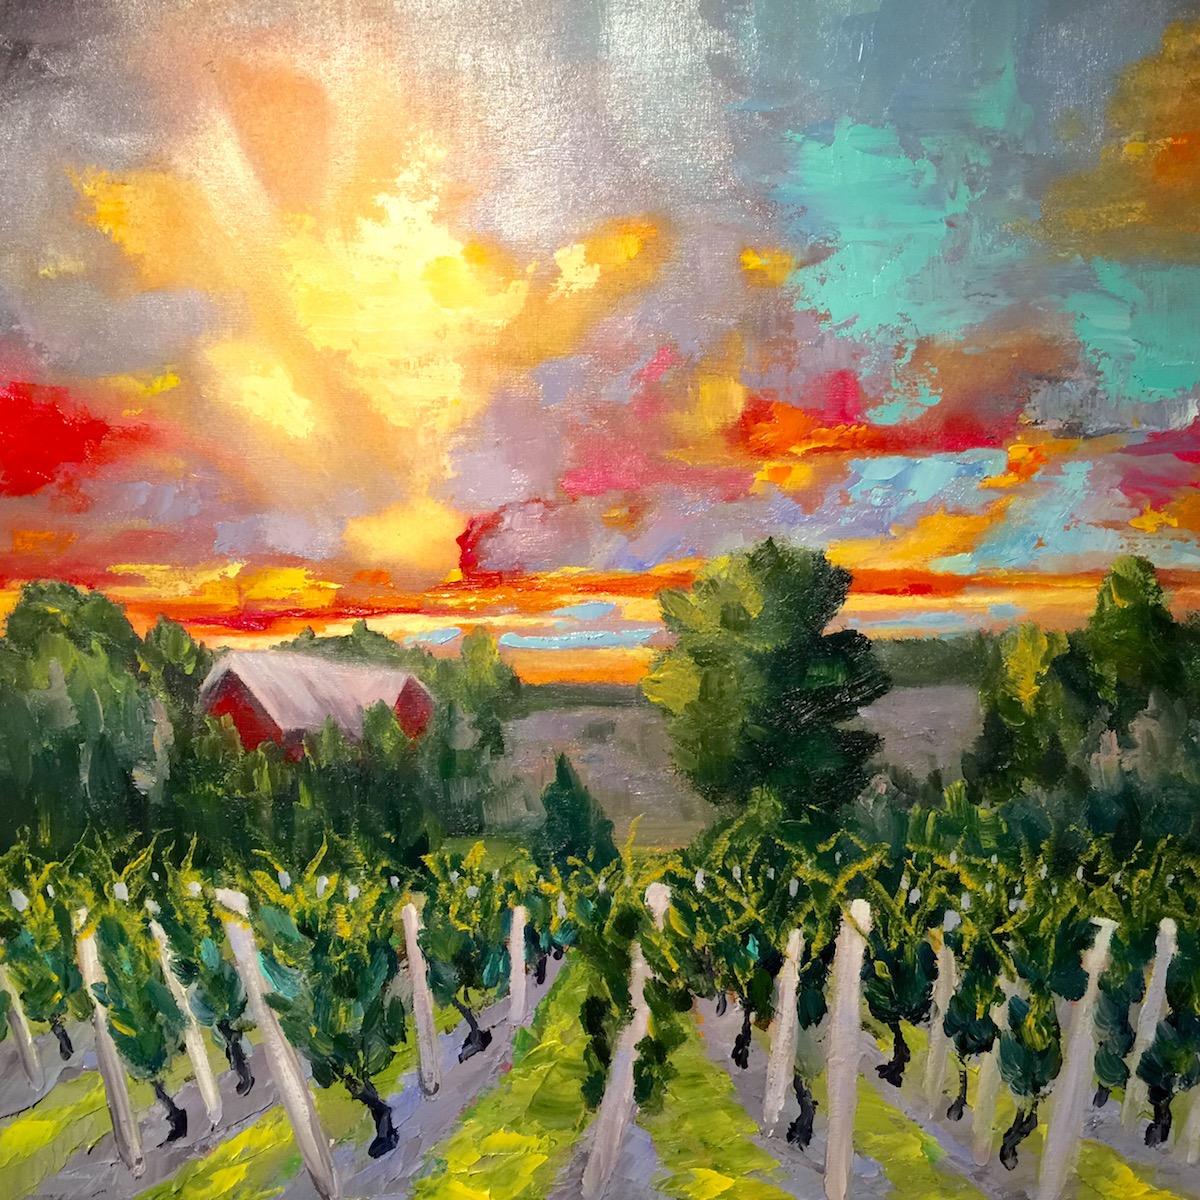 Aurora Cellars - Painting by Stephanie Schlatter